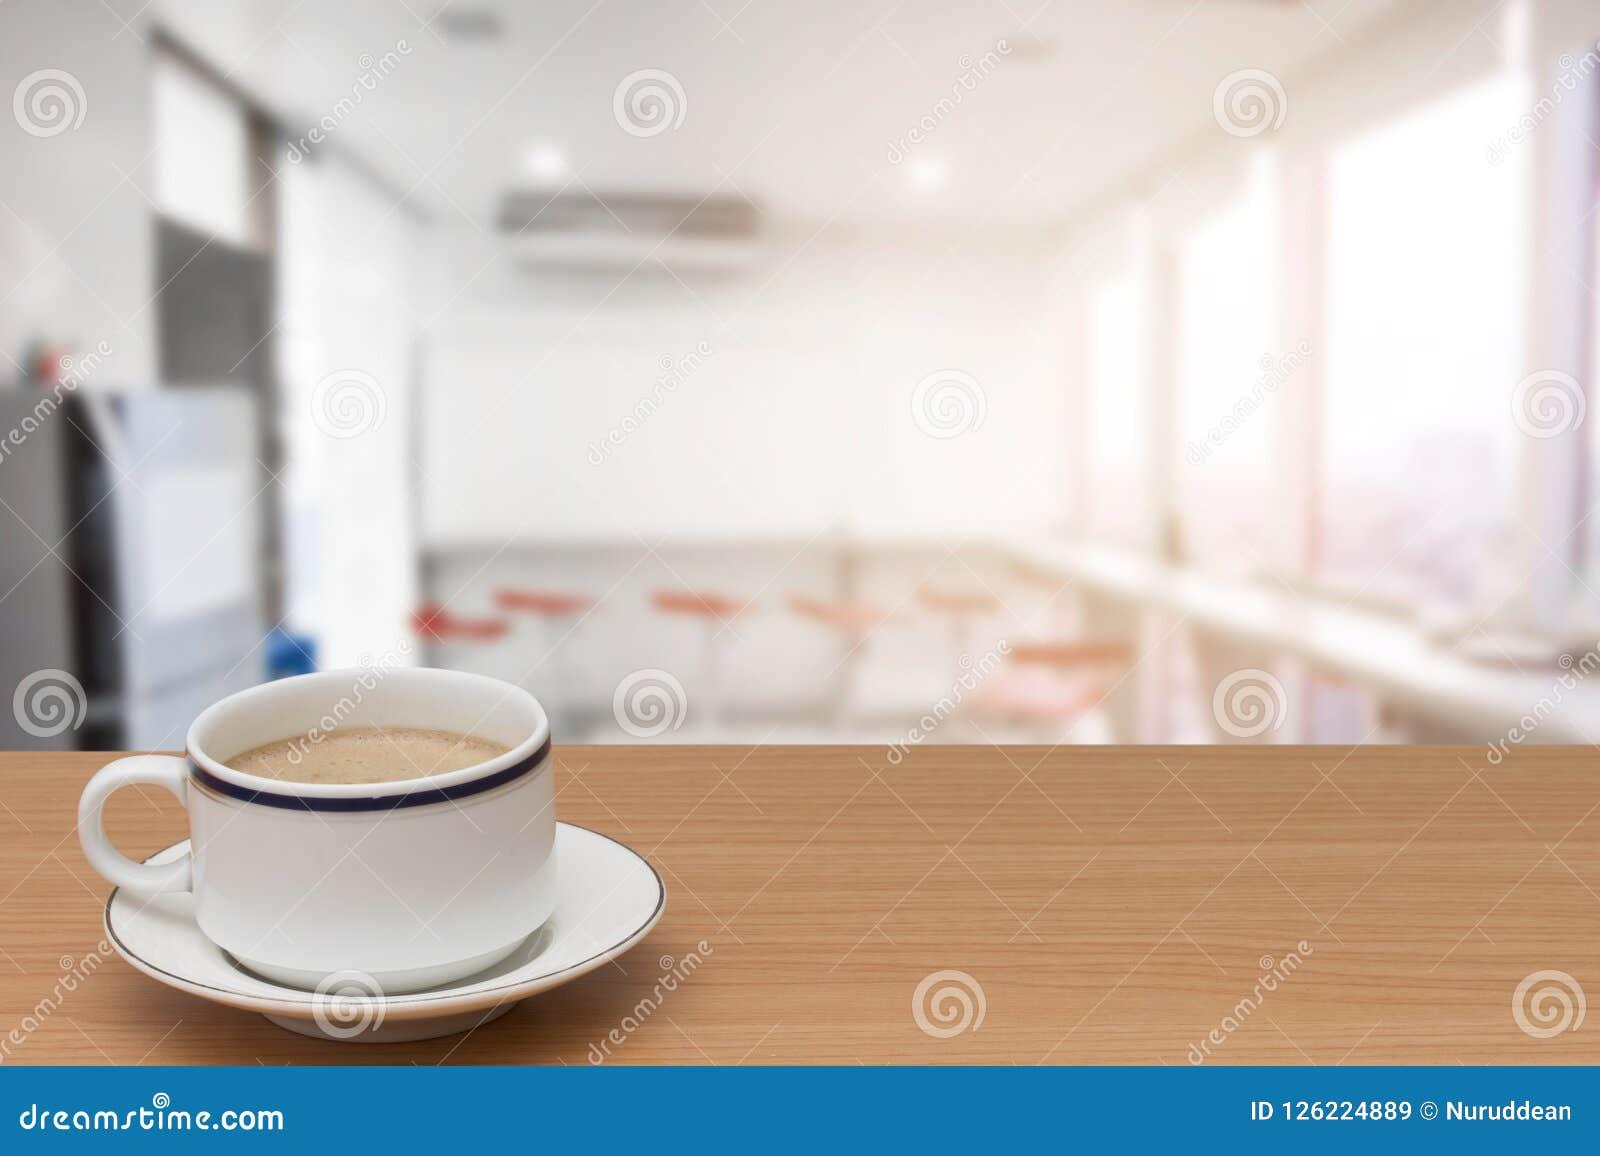 Καφές στον ξύλινο πίνακα με θολωμένος του σύγχρονου εσωτερικού κουζινών για το υπόβαθρο